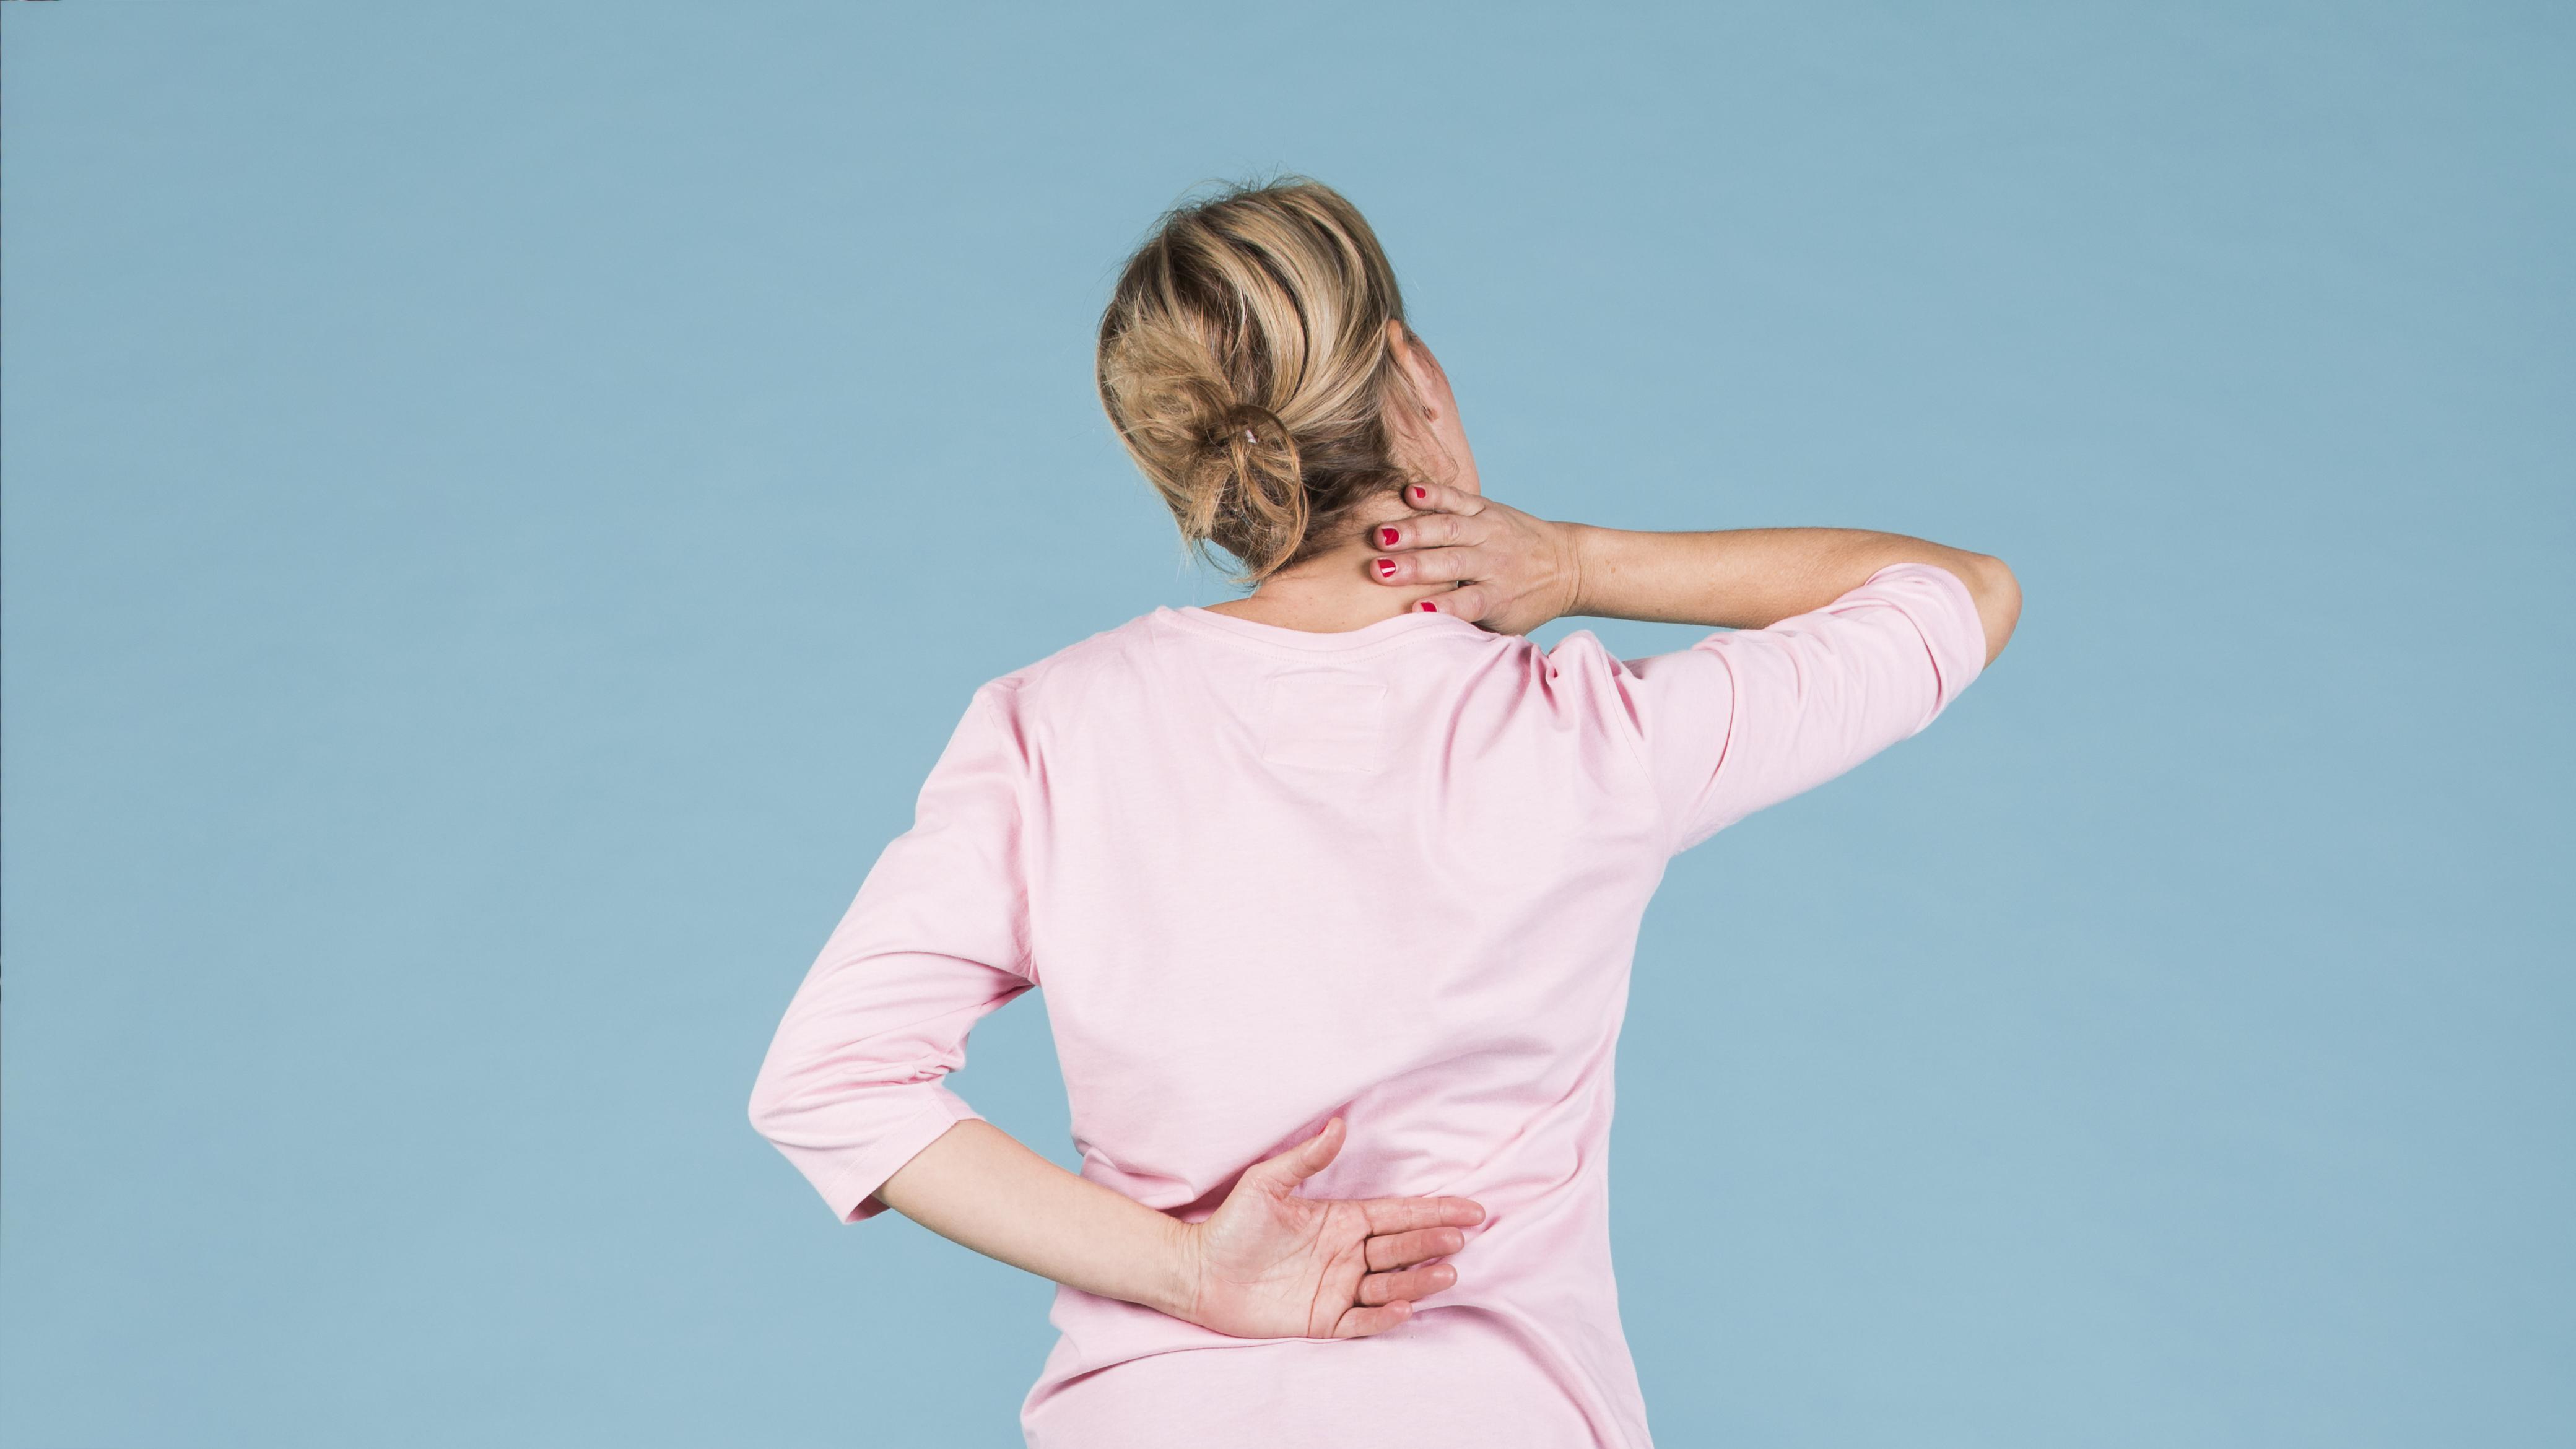 5 Minutos Para Relaxar o Pescoço e Ombros